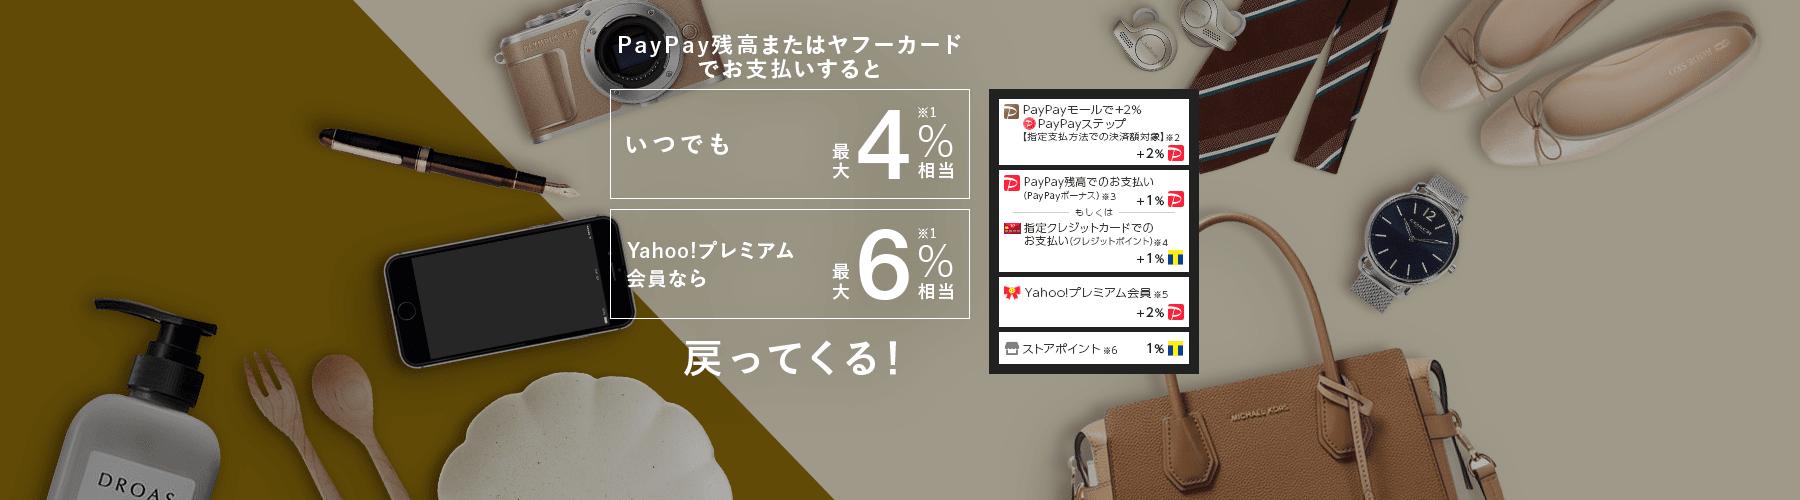 PayPay残高またはヤフーカードでお支払いするといつでも最大4%※1相当、Yahoo!プレミアム会員なら最大6%※1相当戻ってくる! PayPayモールで+2% PayPayステップ【指定支払方法での決済額対象】※2:PayPayボーナスライト+2% PayPay残高でのお支払い(PayPayボーナス)※3:PayPayボーナスライト+1% もしくは指定クレジットカード※4でのお支払い+1% (PayPayボーナス※5、またはクレジットポイント※6)+1%または:Tポイント+1% Yahoo!プレミアム会員※7:PayPayボーナスライト+2% ストアポイント※8:Tポイント1%